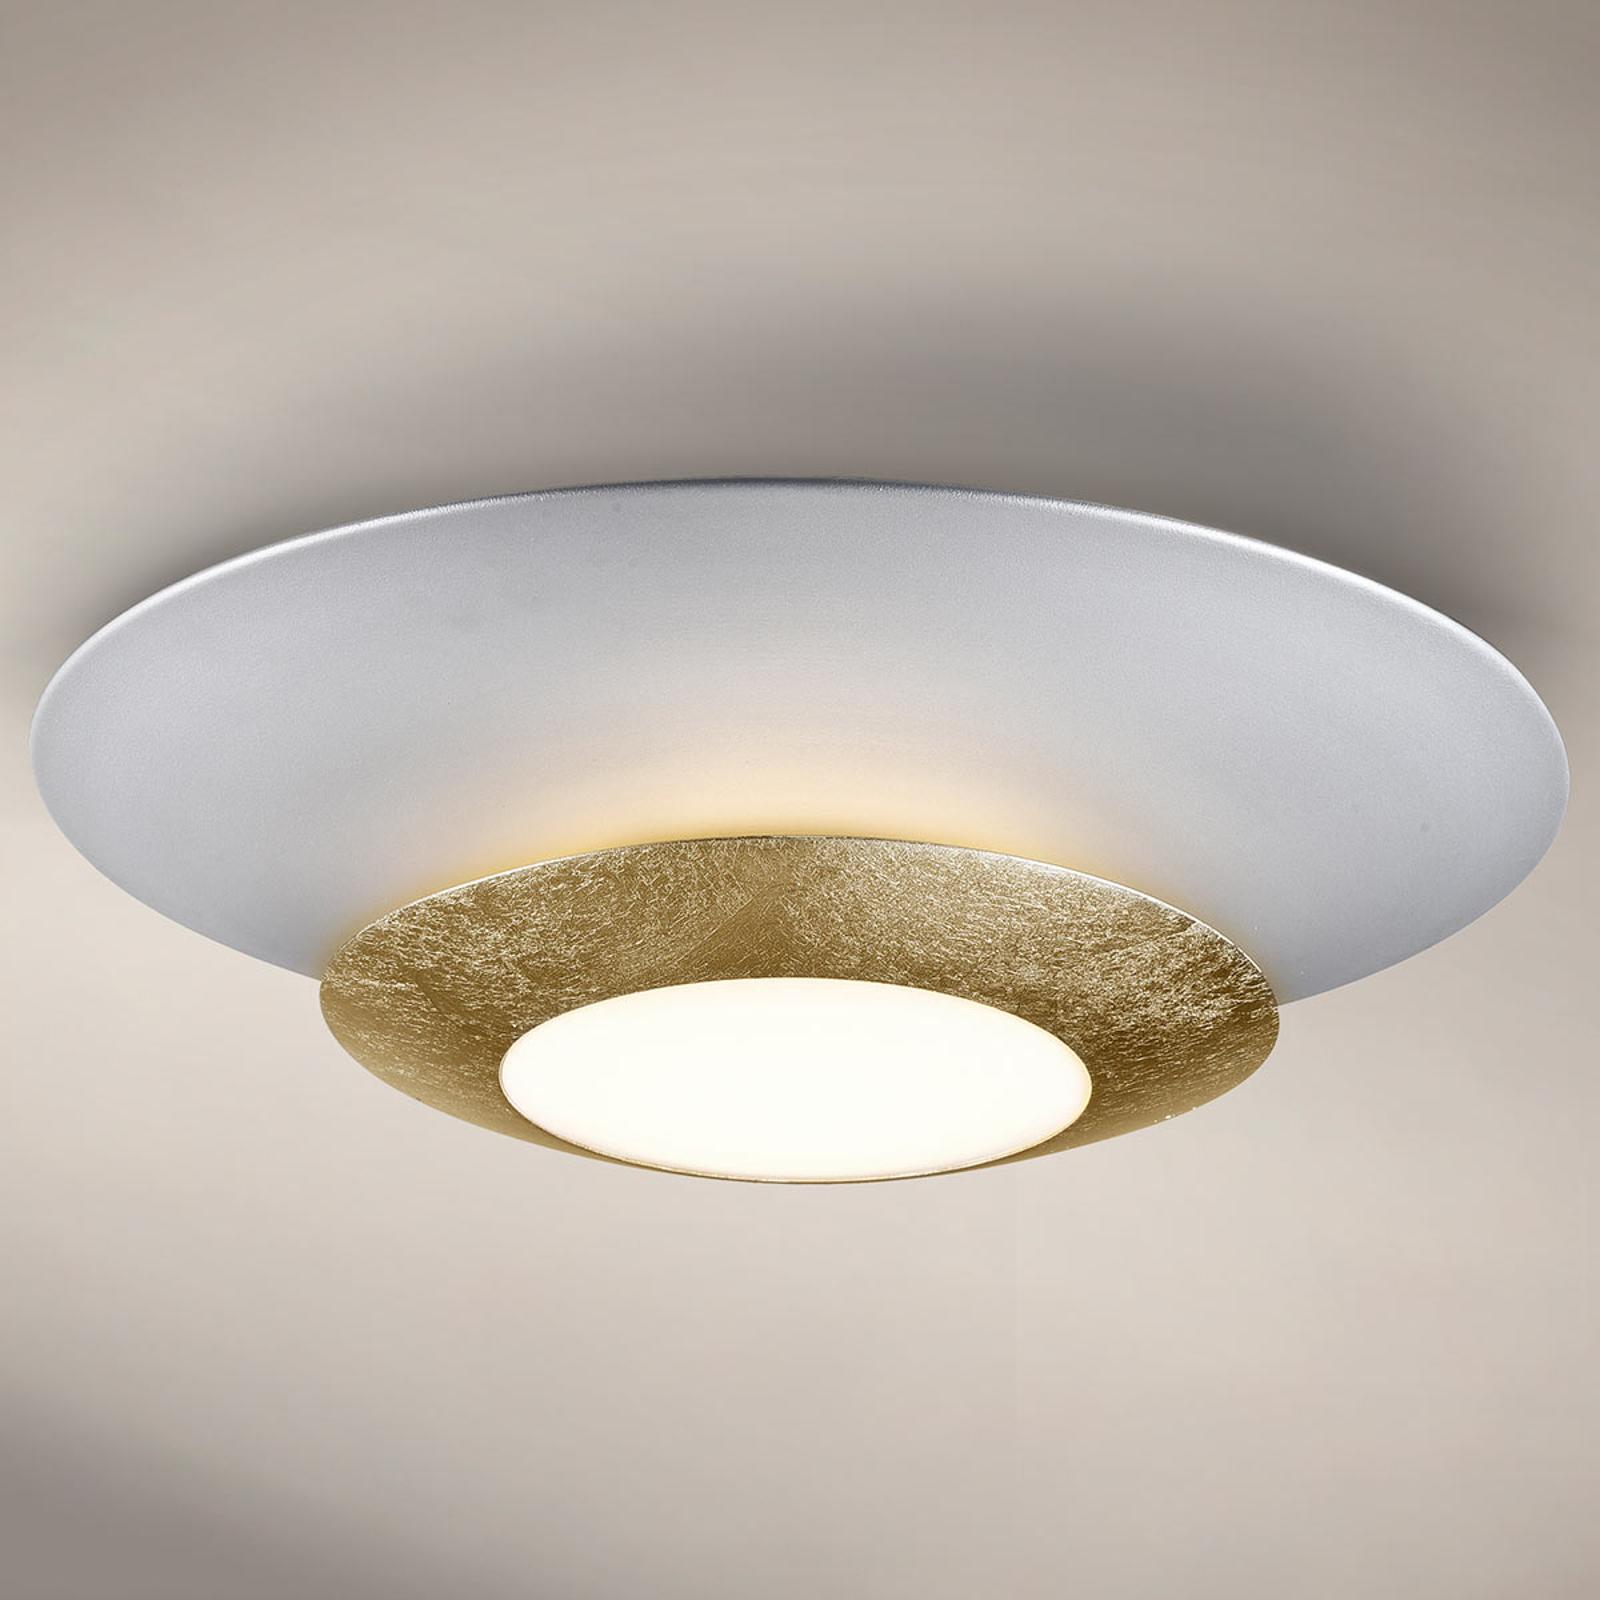 Rund LED-taklampe Hole med gullfolie